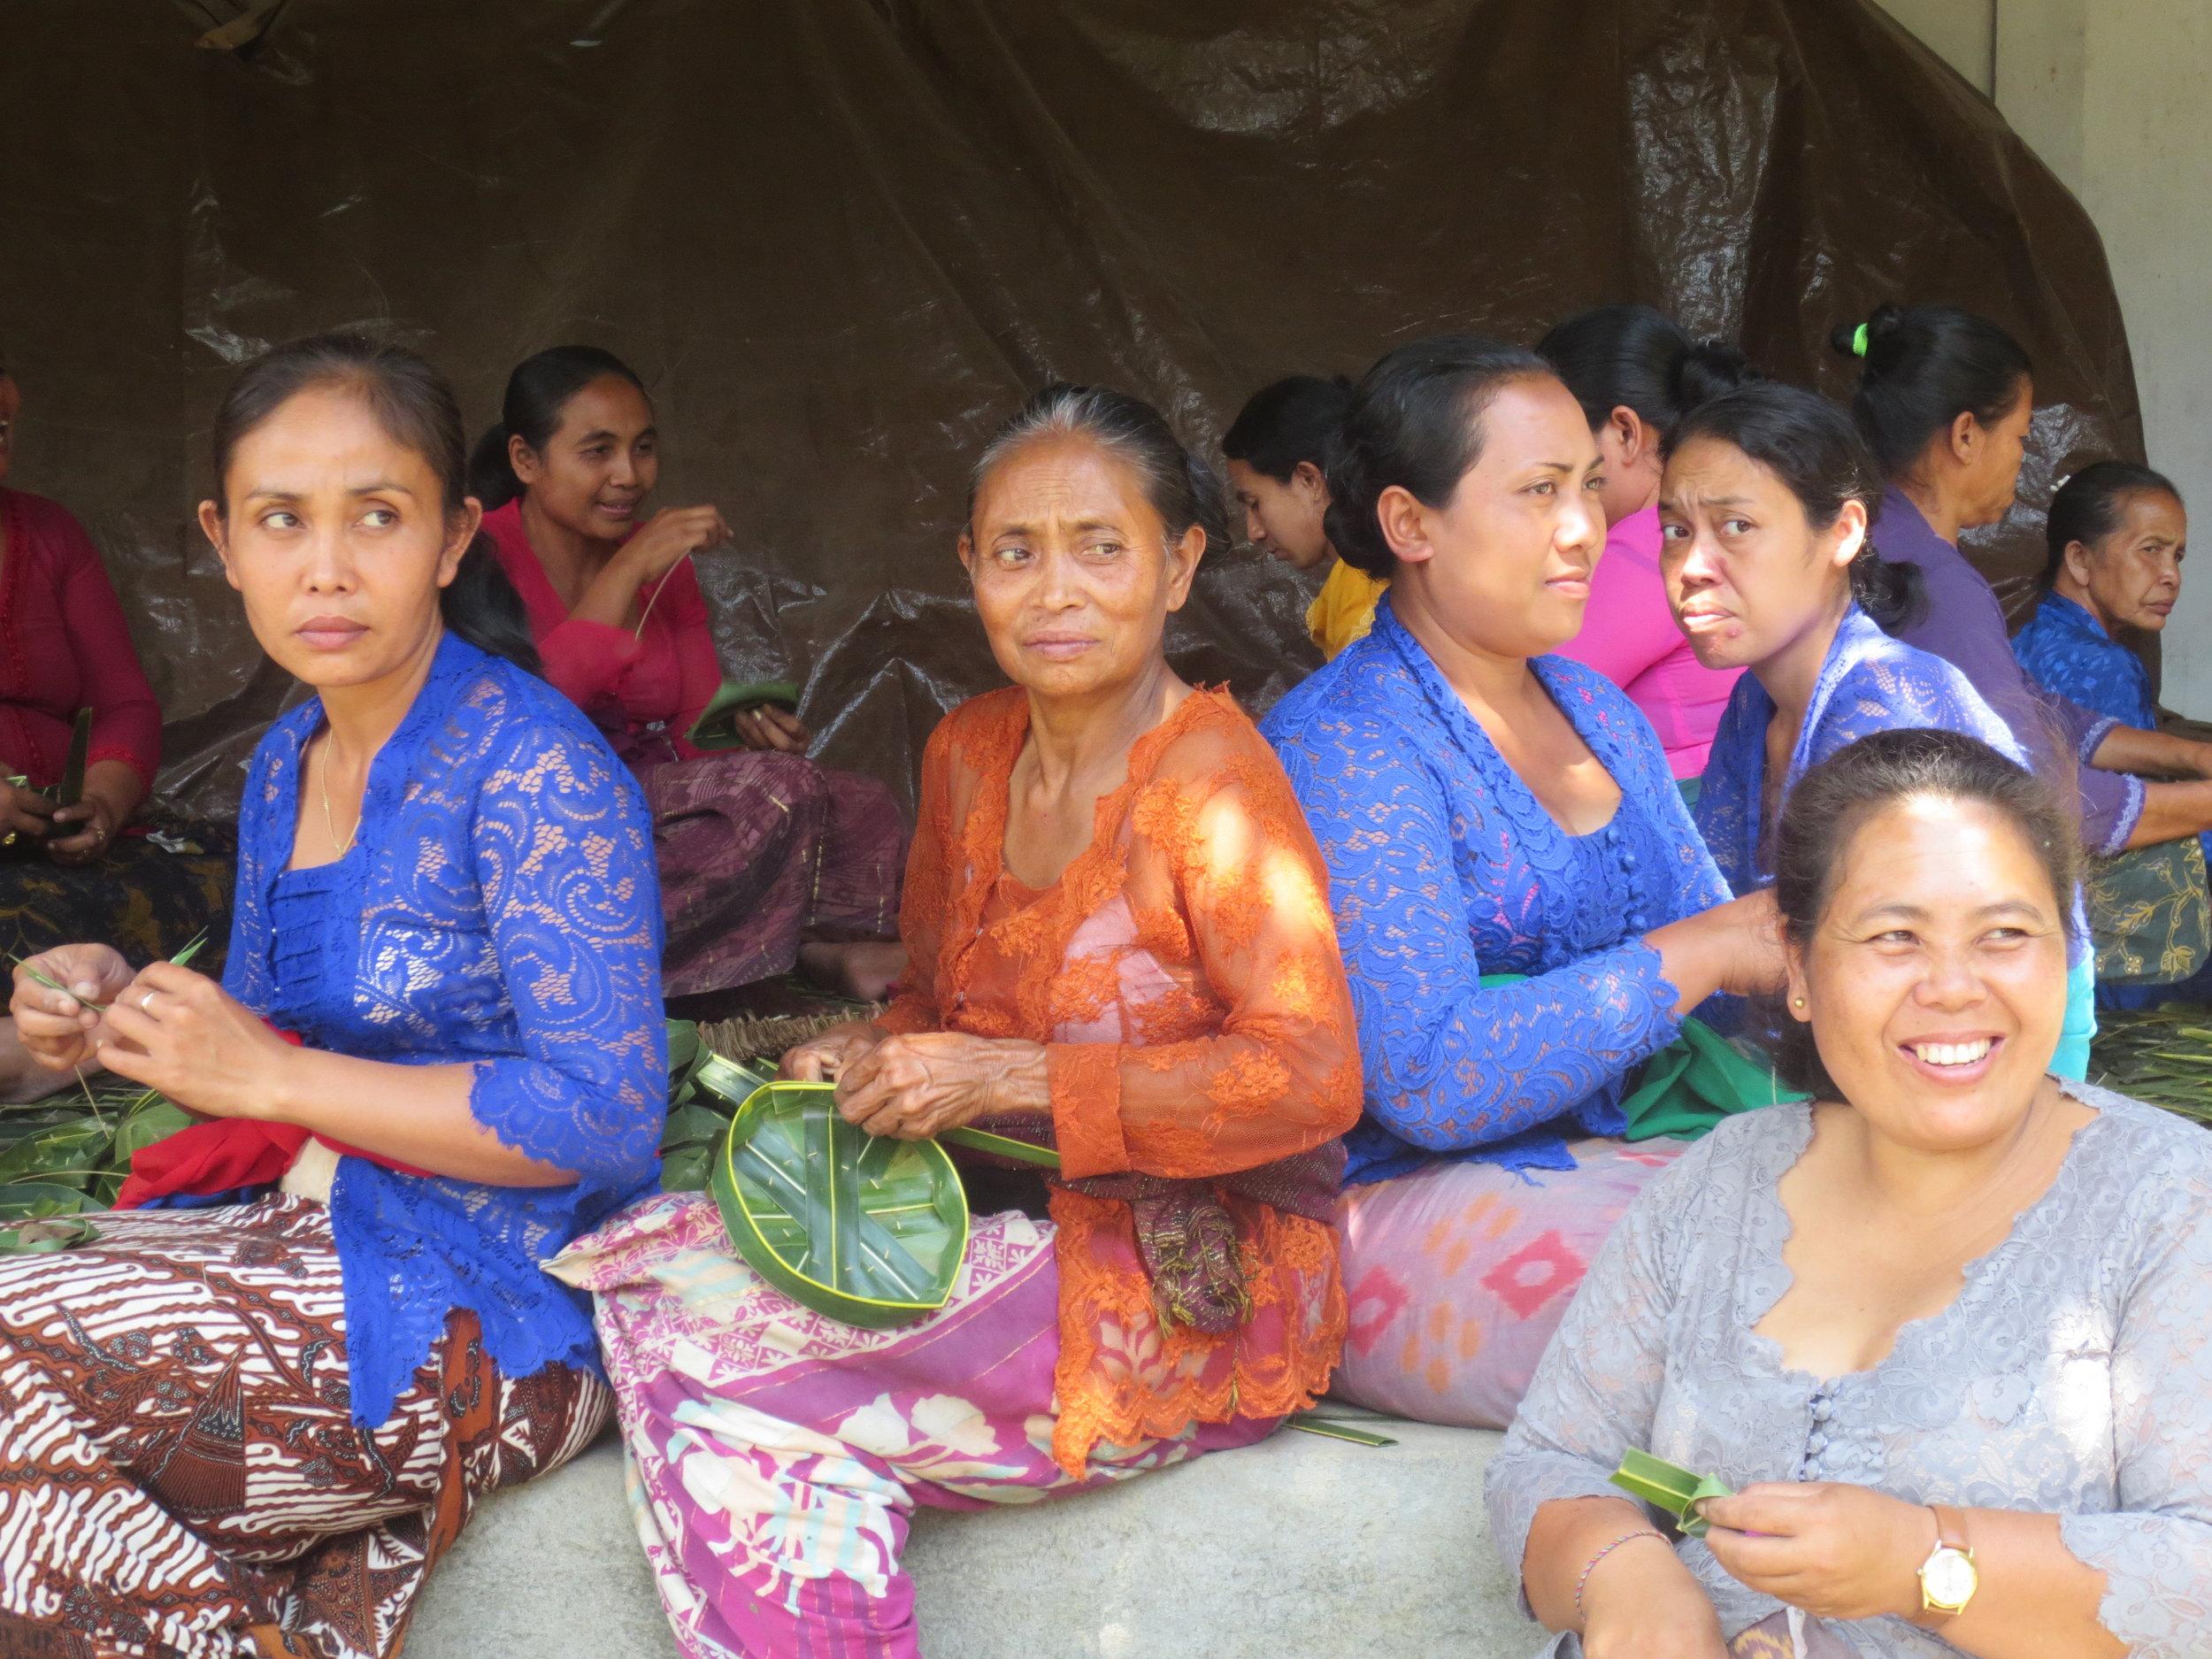 Women preparing offerings